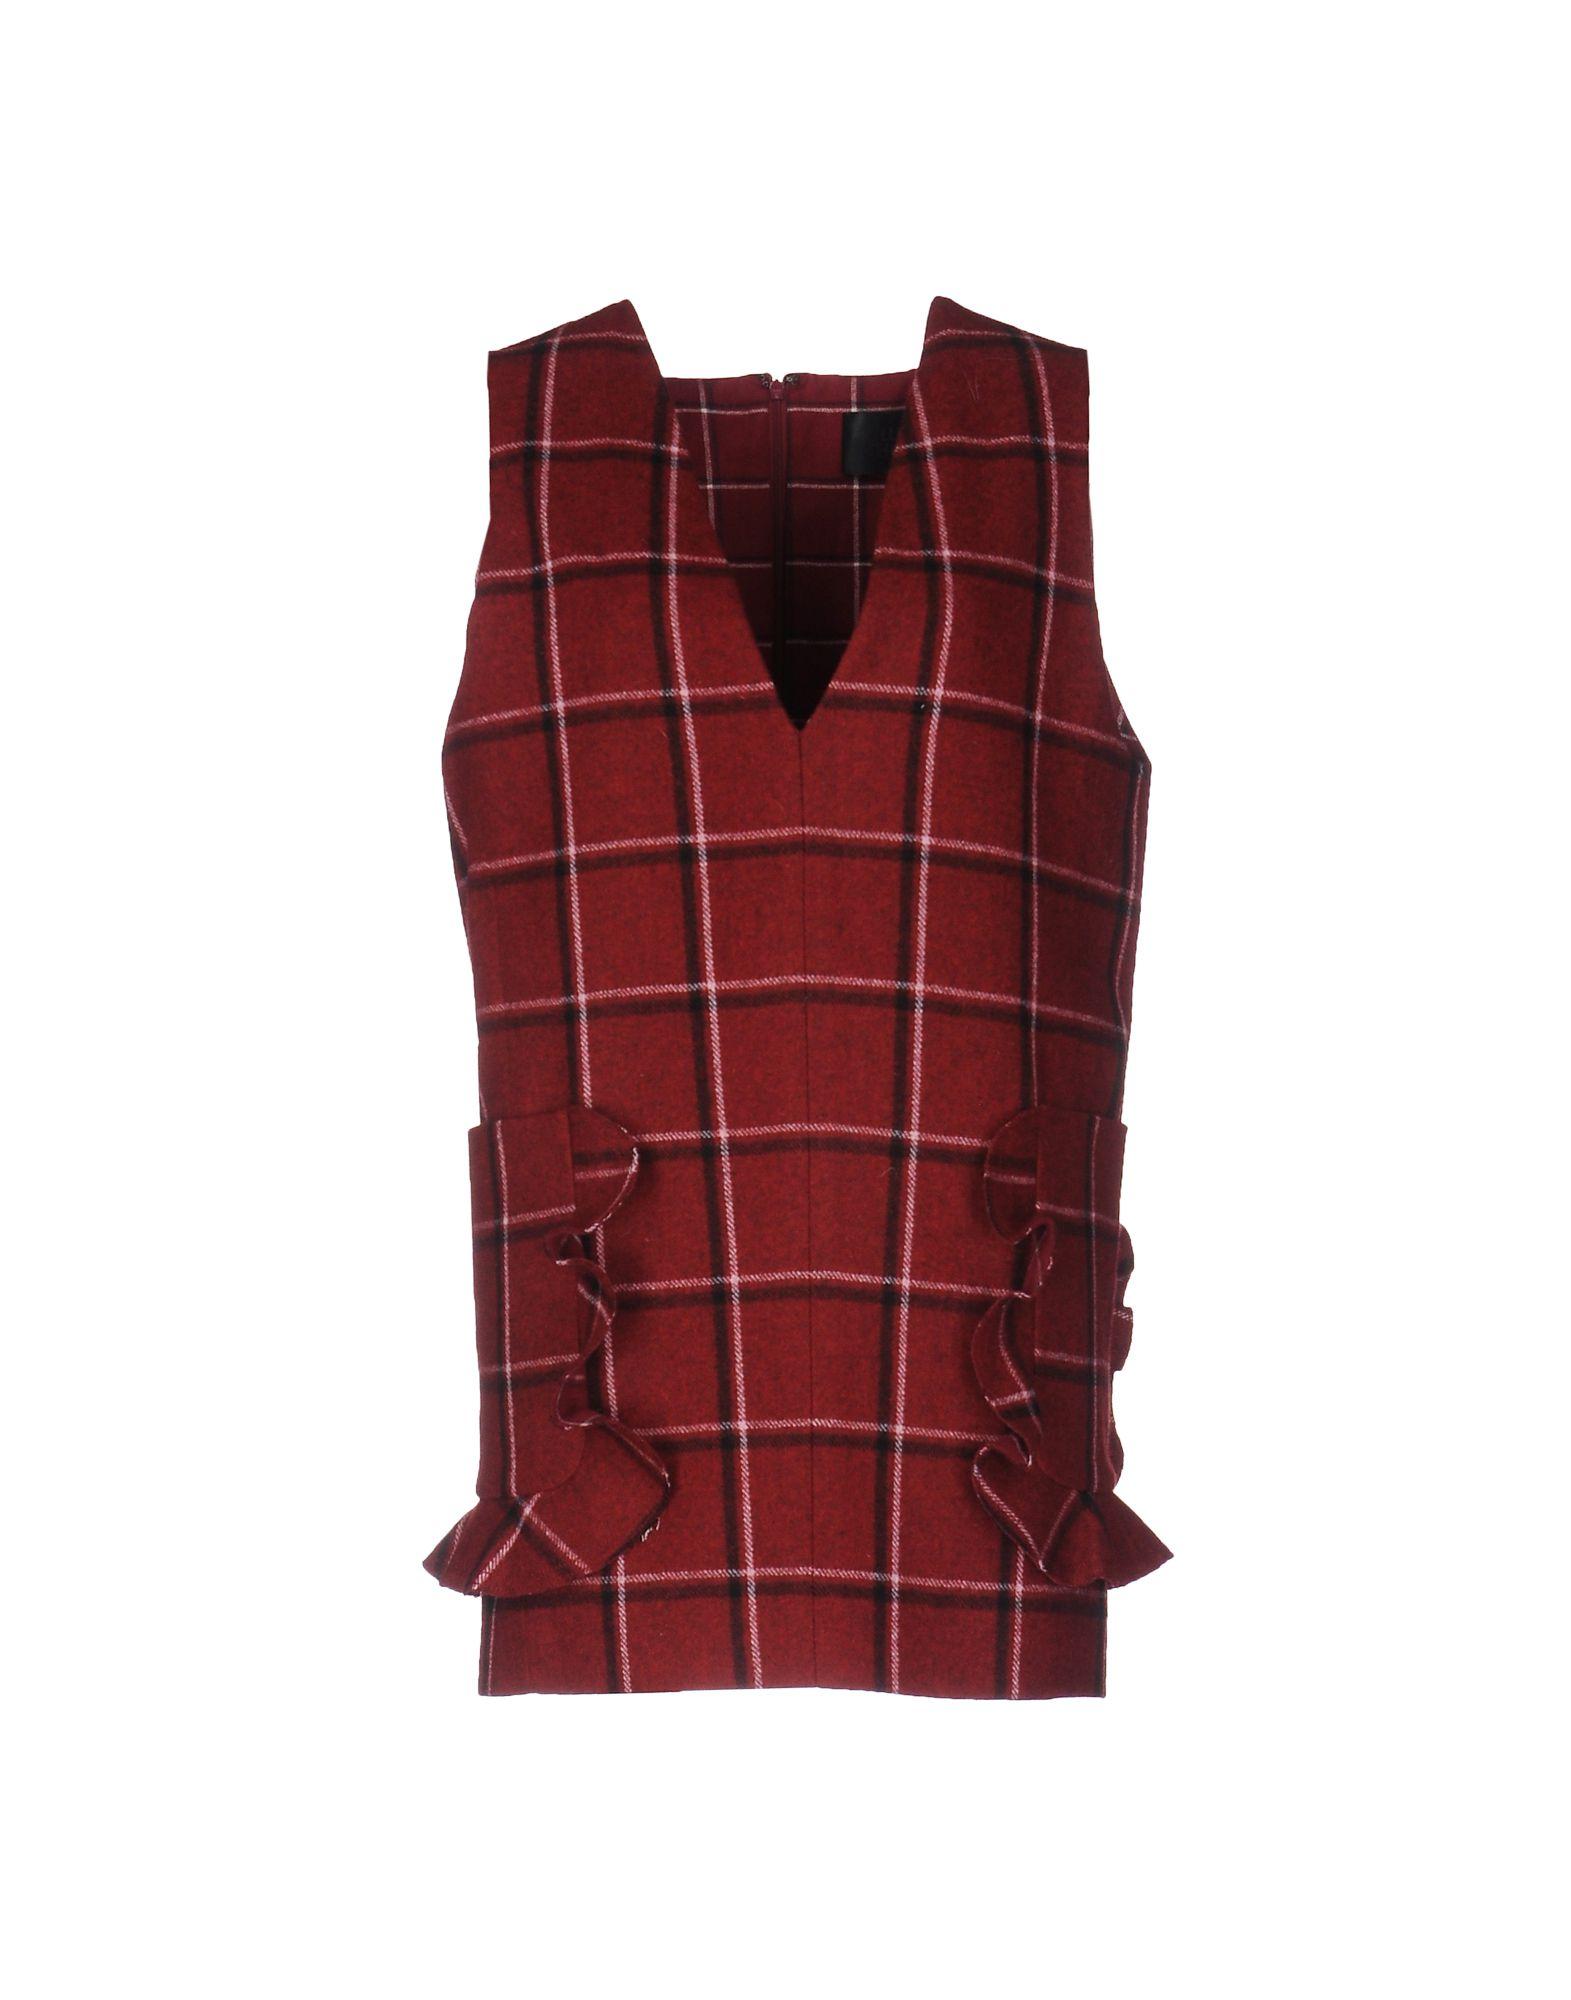 《期間限定セール中》LUCKY CHOUETTE レディース ミニワンピース&ドレス ボルドー 36 ウール 50% / ポリエステル 50%